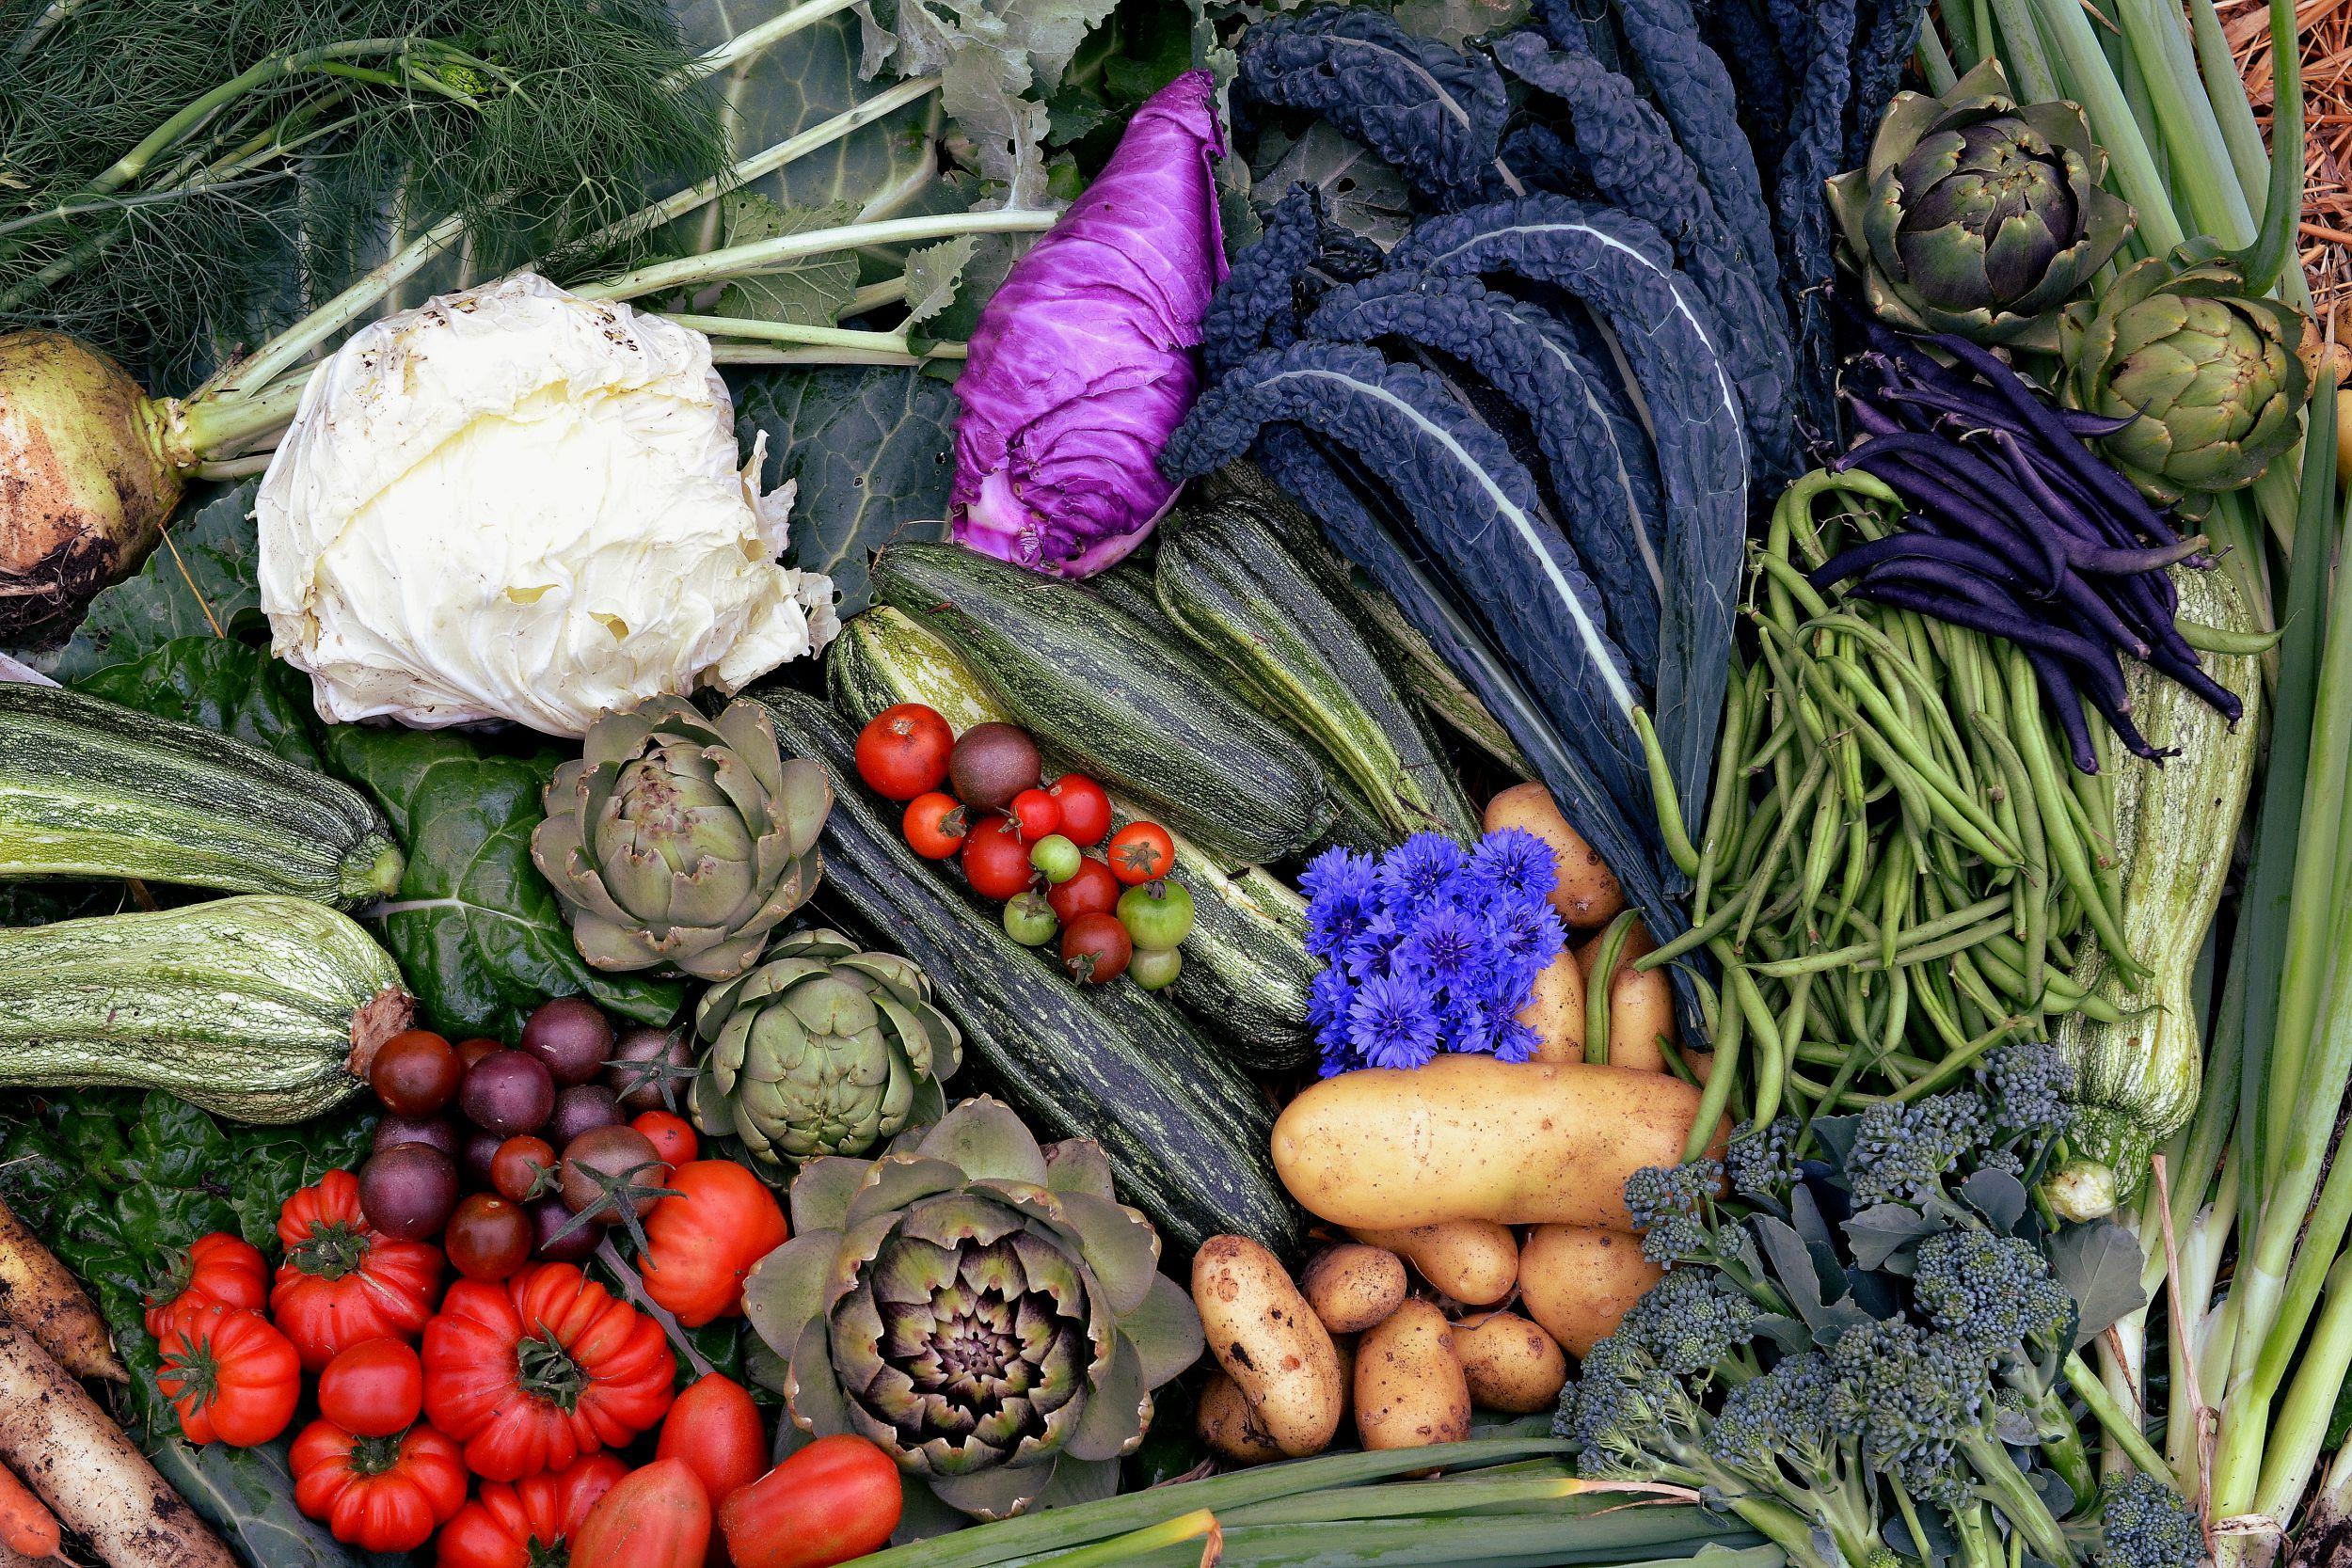 Massor av nyskördade grönsaker ligger tillsammans.